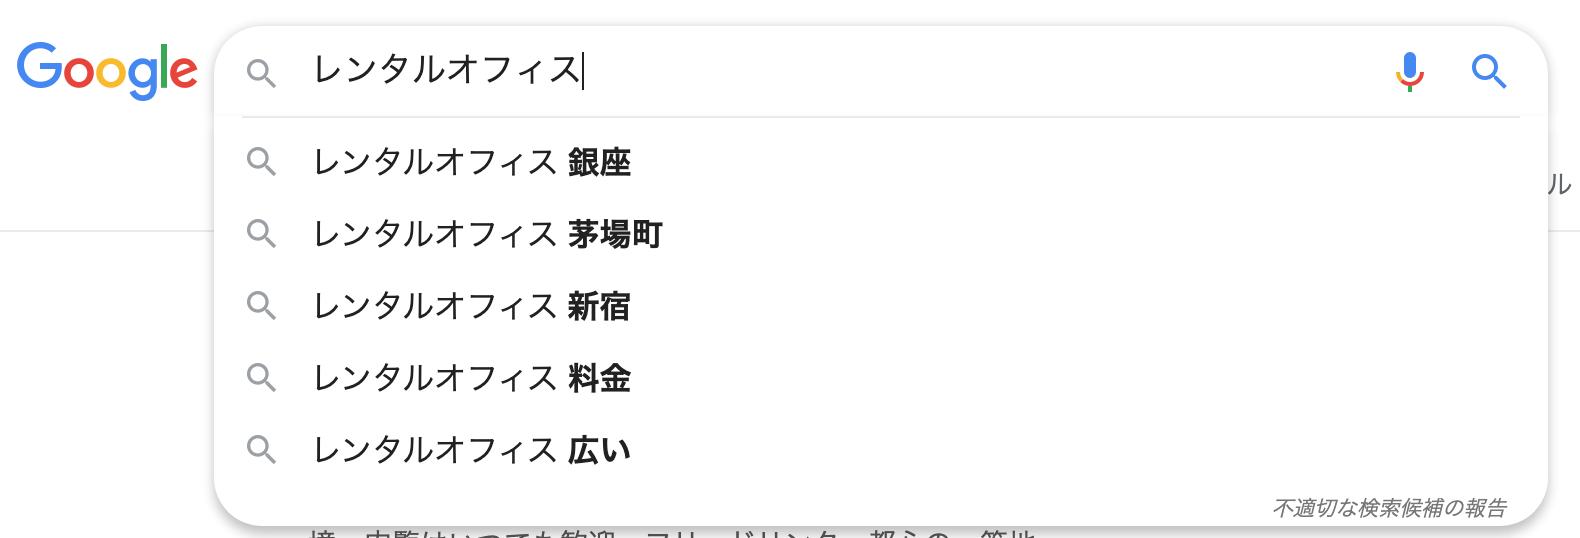 グーグルの関連キーワード